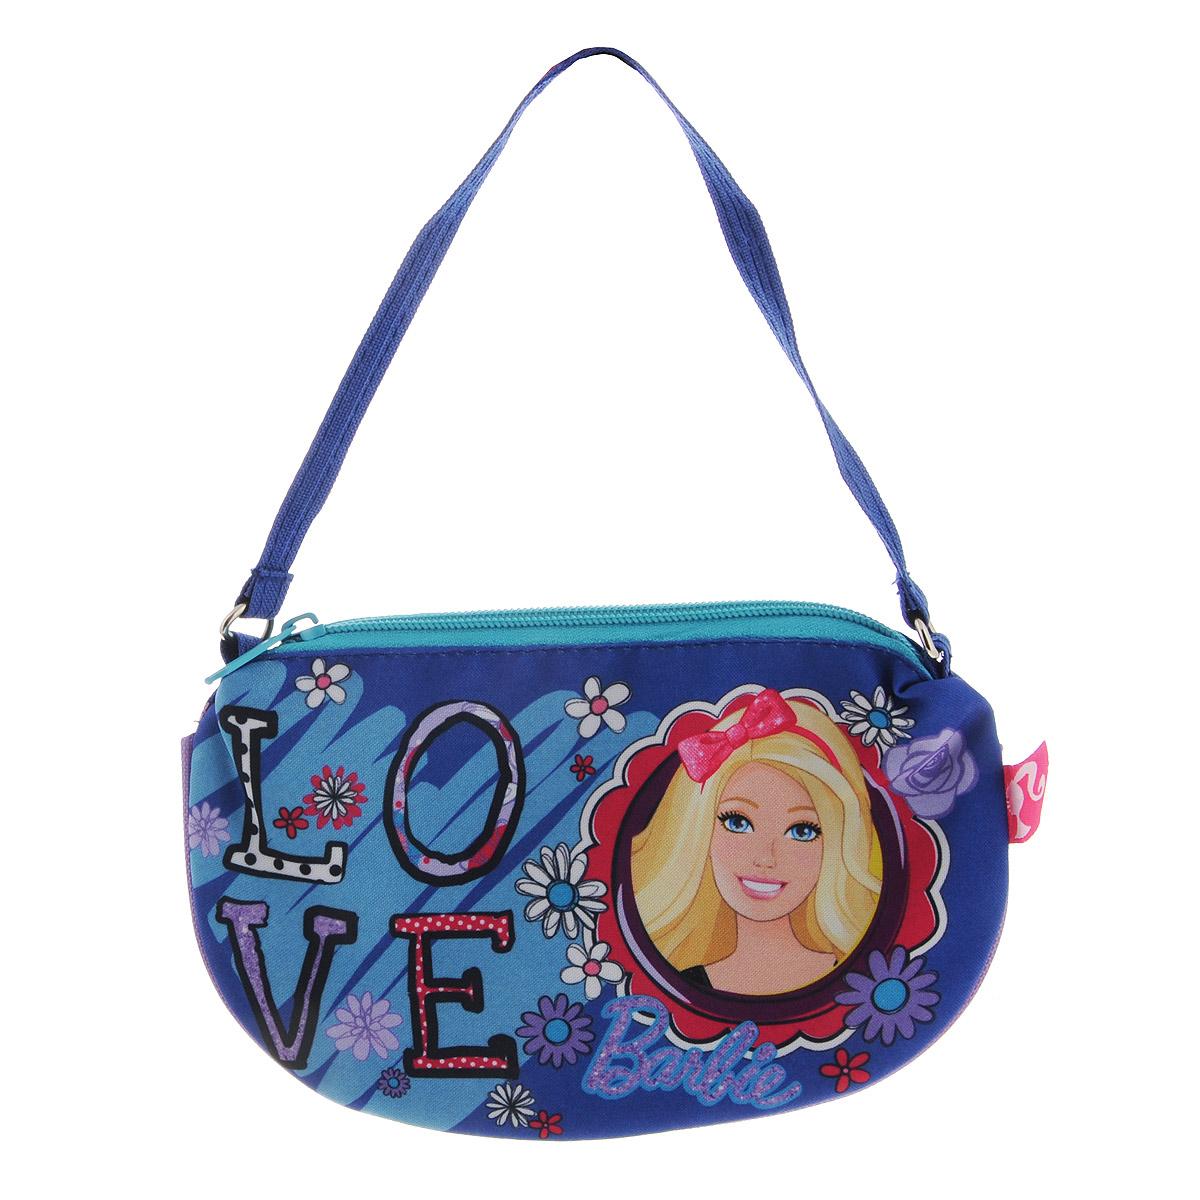 Сумочка Barbie, цвет: синий. BRCB-UT4-4017BRCB-UT4-4017Яркая сумочка Barbie станет незаменимым аксессуаром для вашей маленькой модницы!Она изготовлена из текстильного материала и оформлена объемной аппликацией в виде изображения любимой сказочной героини. Сумка имеет одно отделение и закрывается на застежку-молнию. Ваша малышка с удовольствием будет носить в ней свои вещи, любимые игрушки или аксессуары. Порадуйте ее таким замечательным подарком!